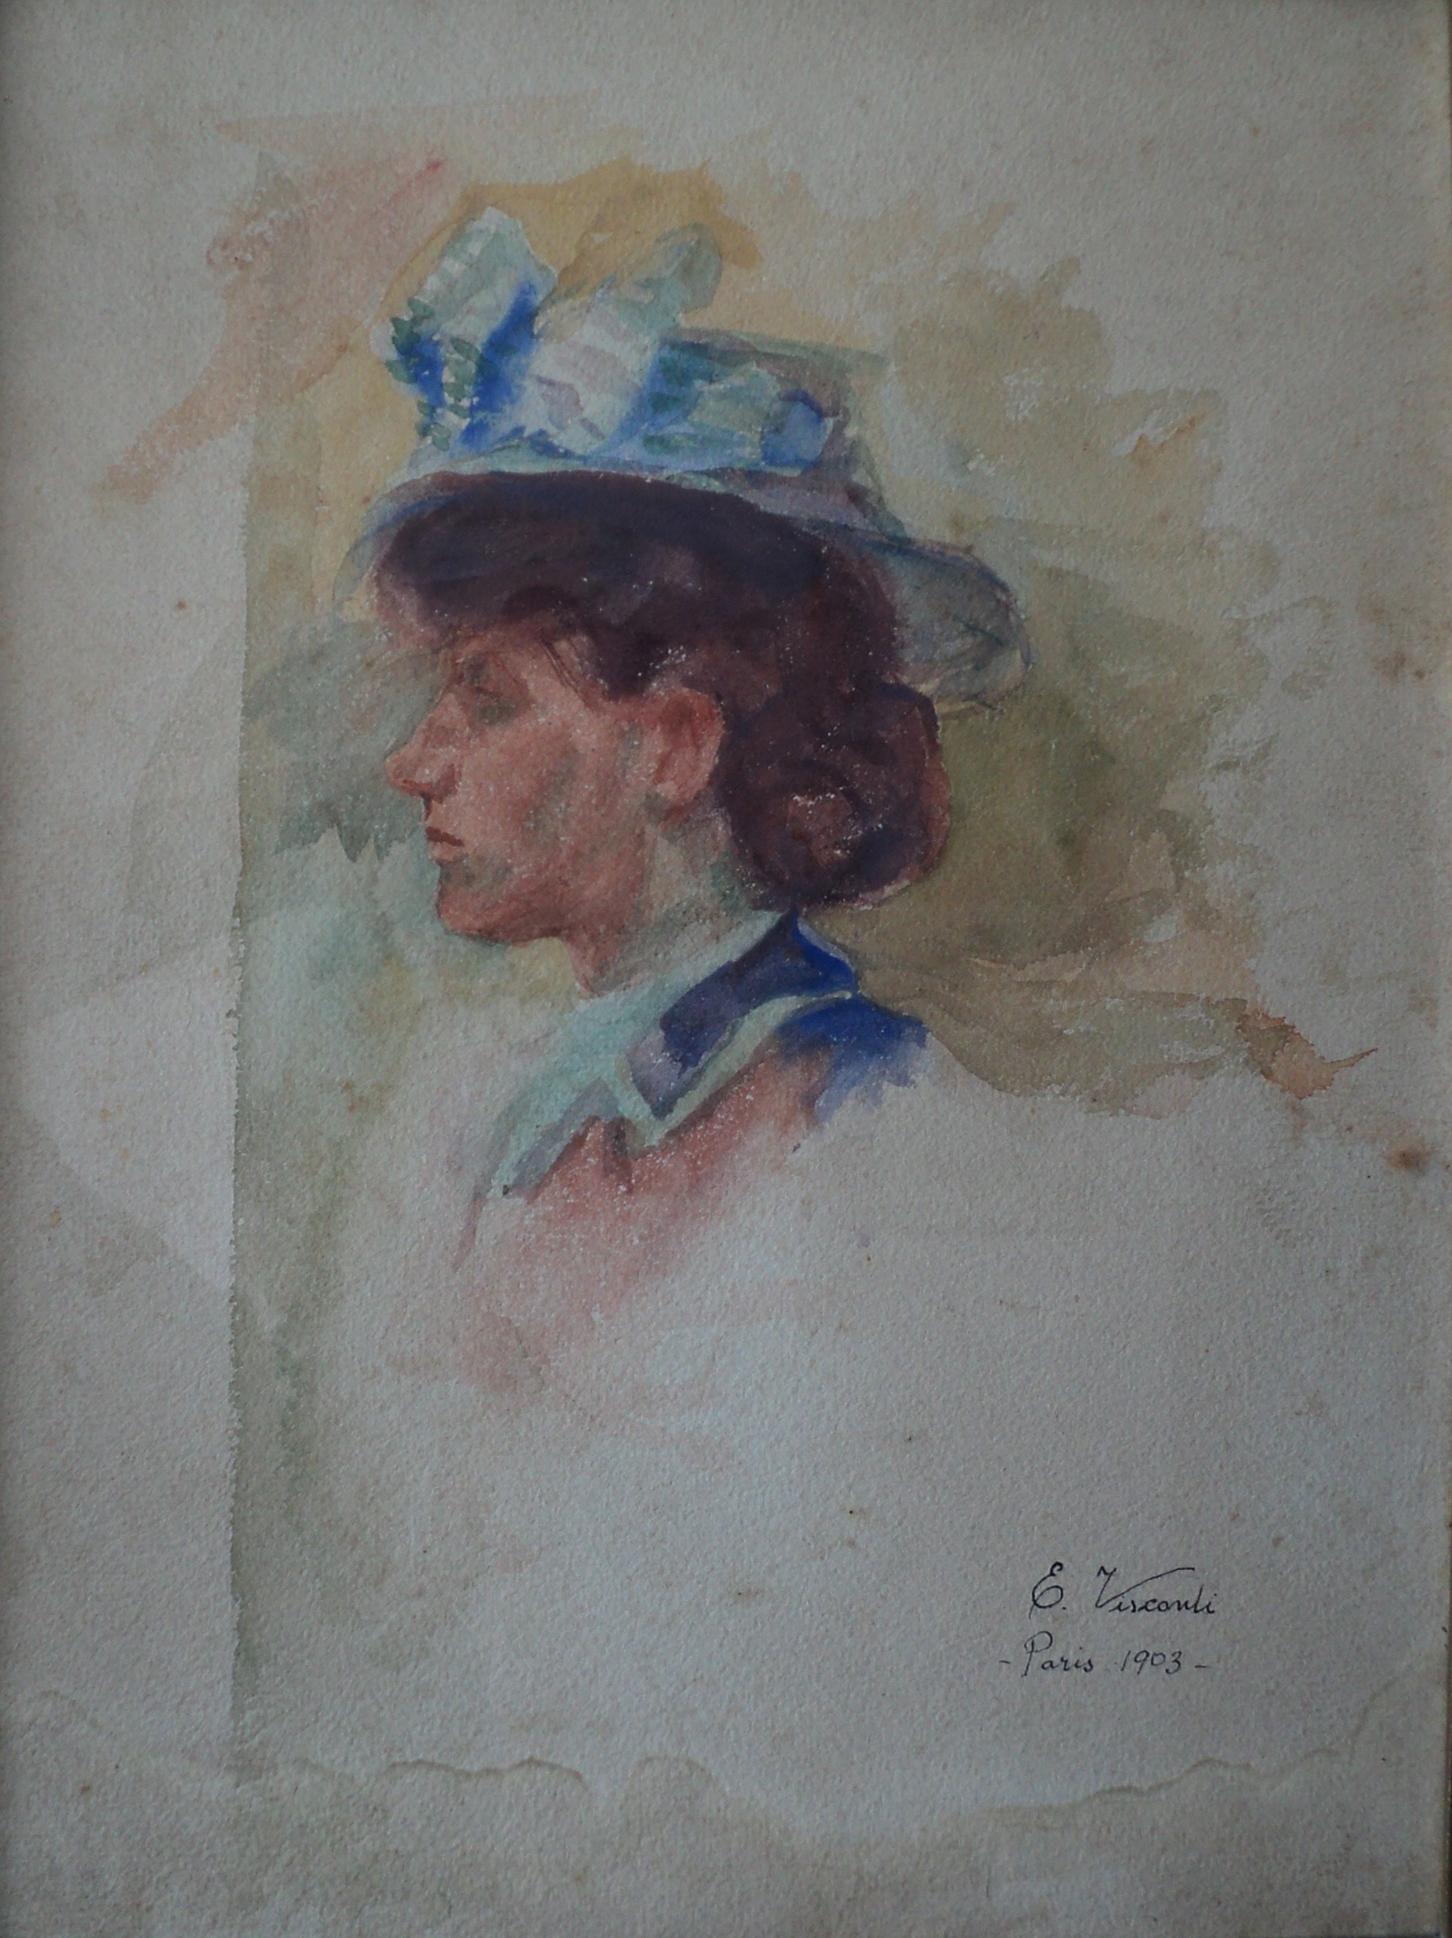 LOUISE - AQUARELA - 33 x 25 cm - 1903 - COLEÇÃO PARTICULAR